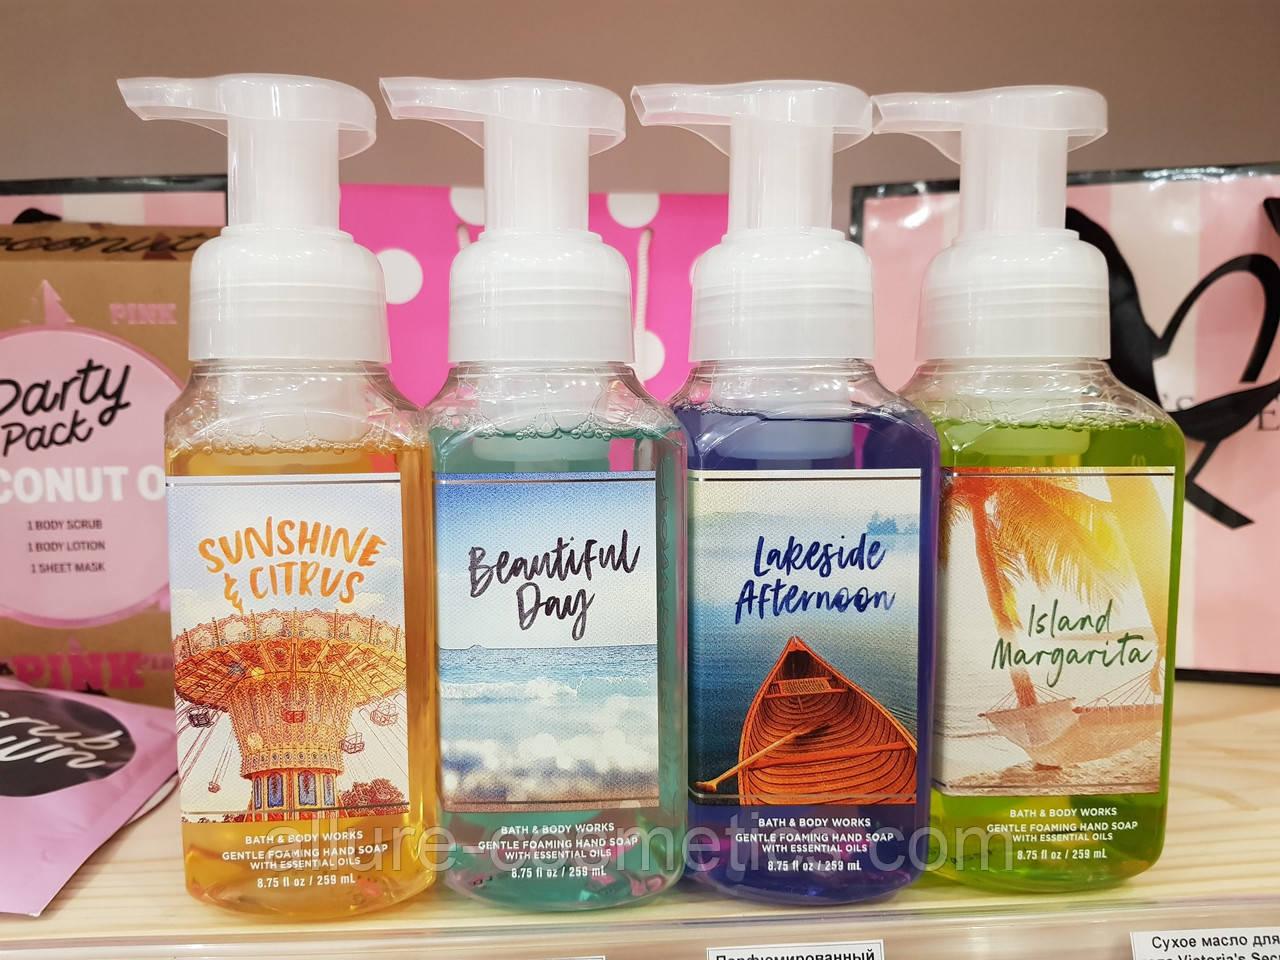 Нежнейшее мыло пенка для рук Bath & body works gentle foaming hand soap в ассортименте